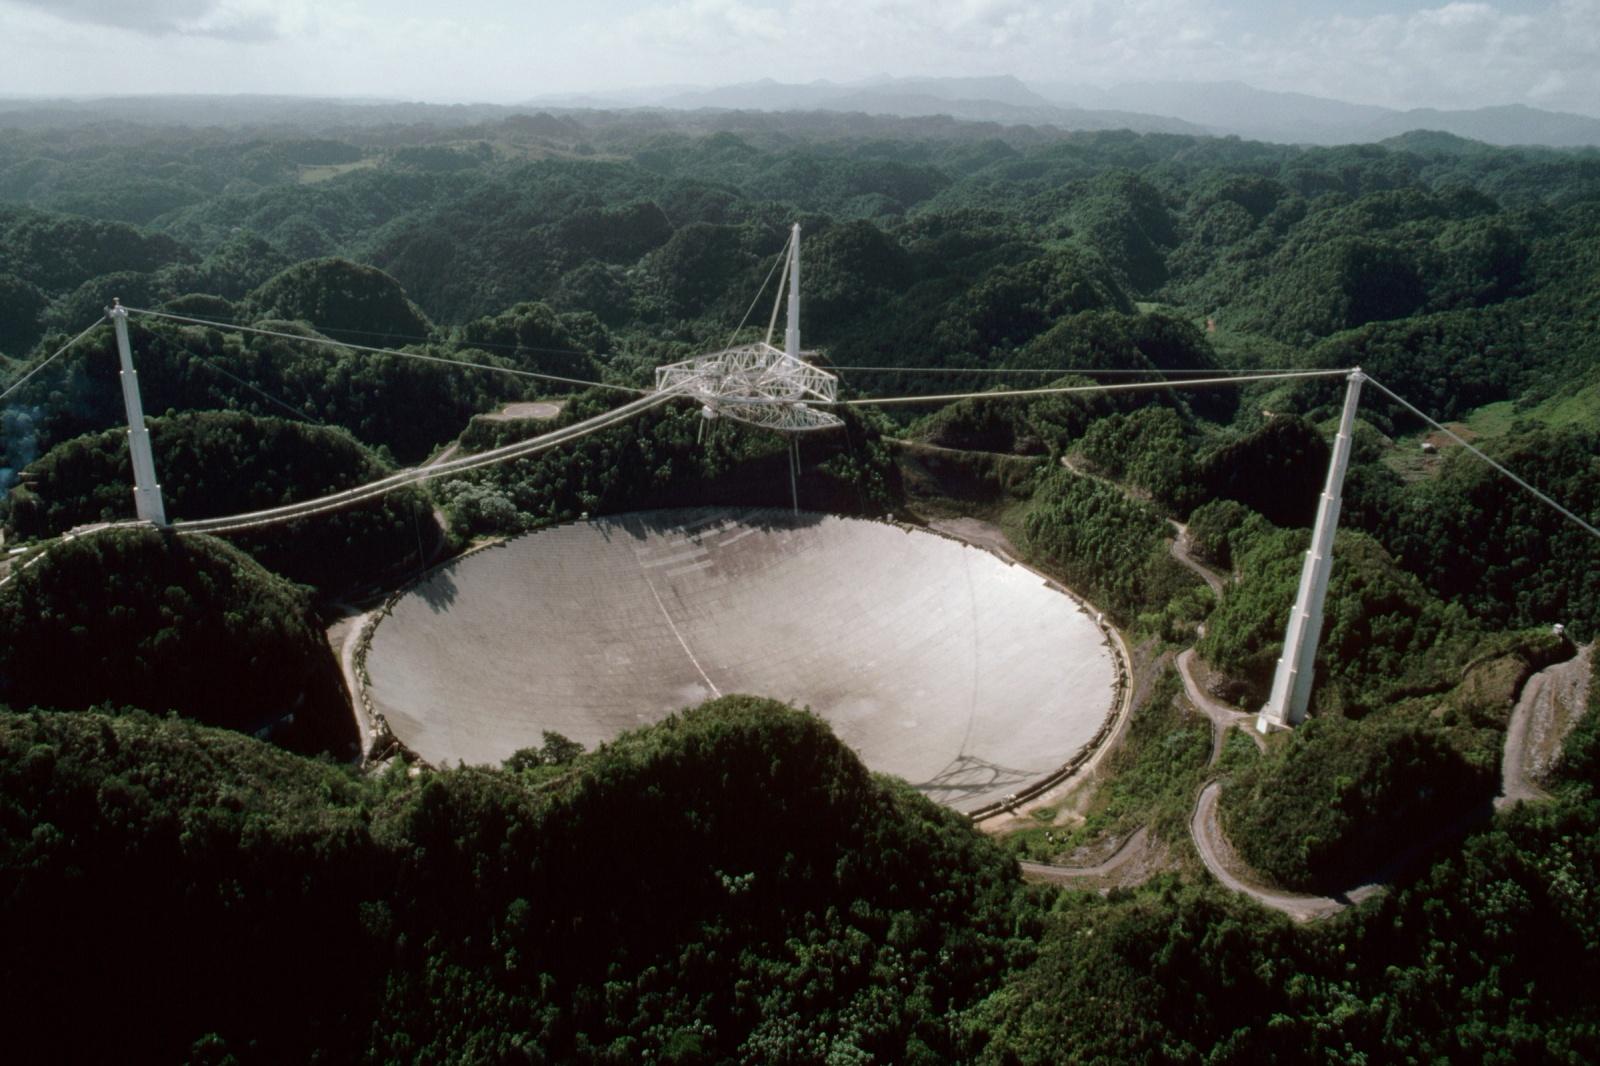 Обсерватория Аресибо была для меня всем. Но я не смог спасти ее - 1